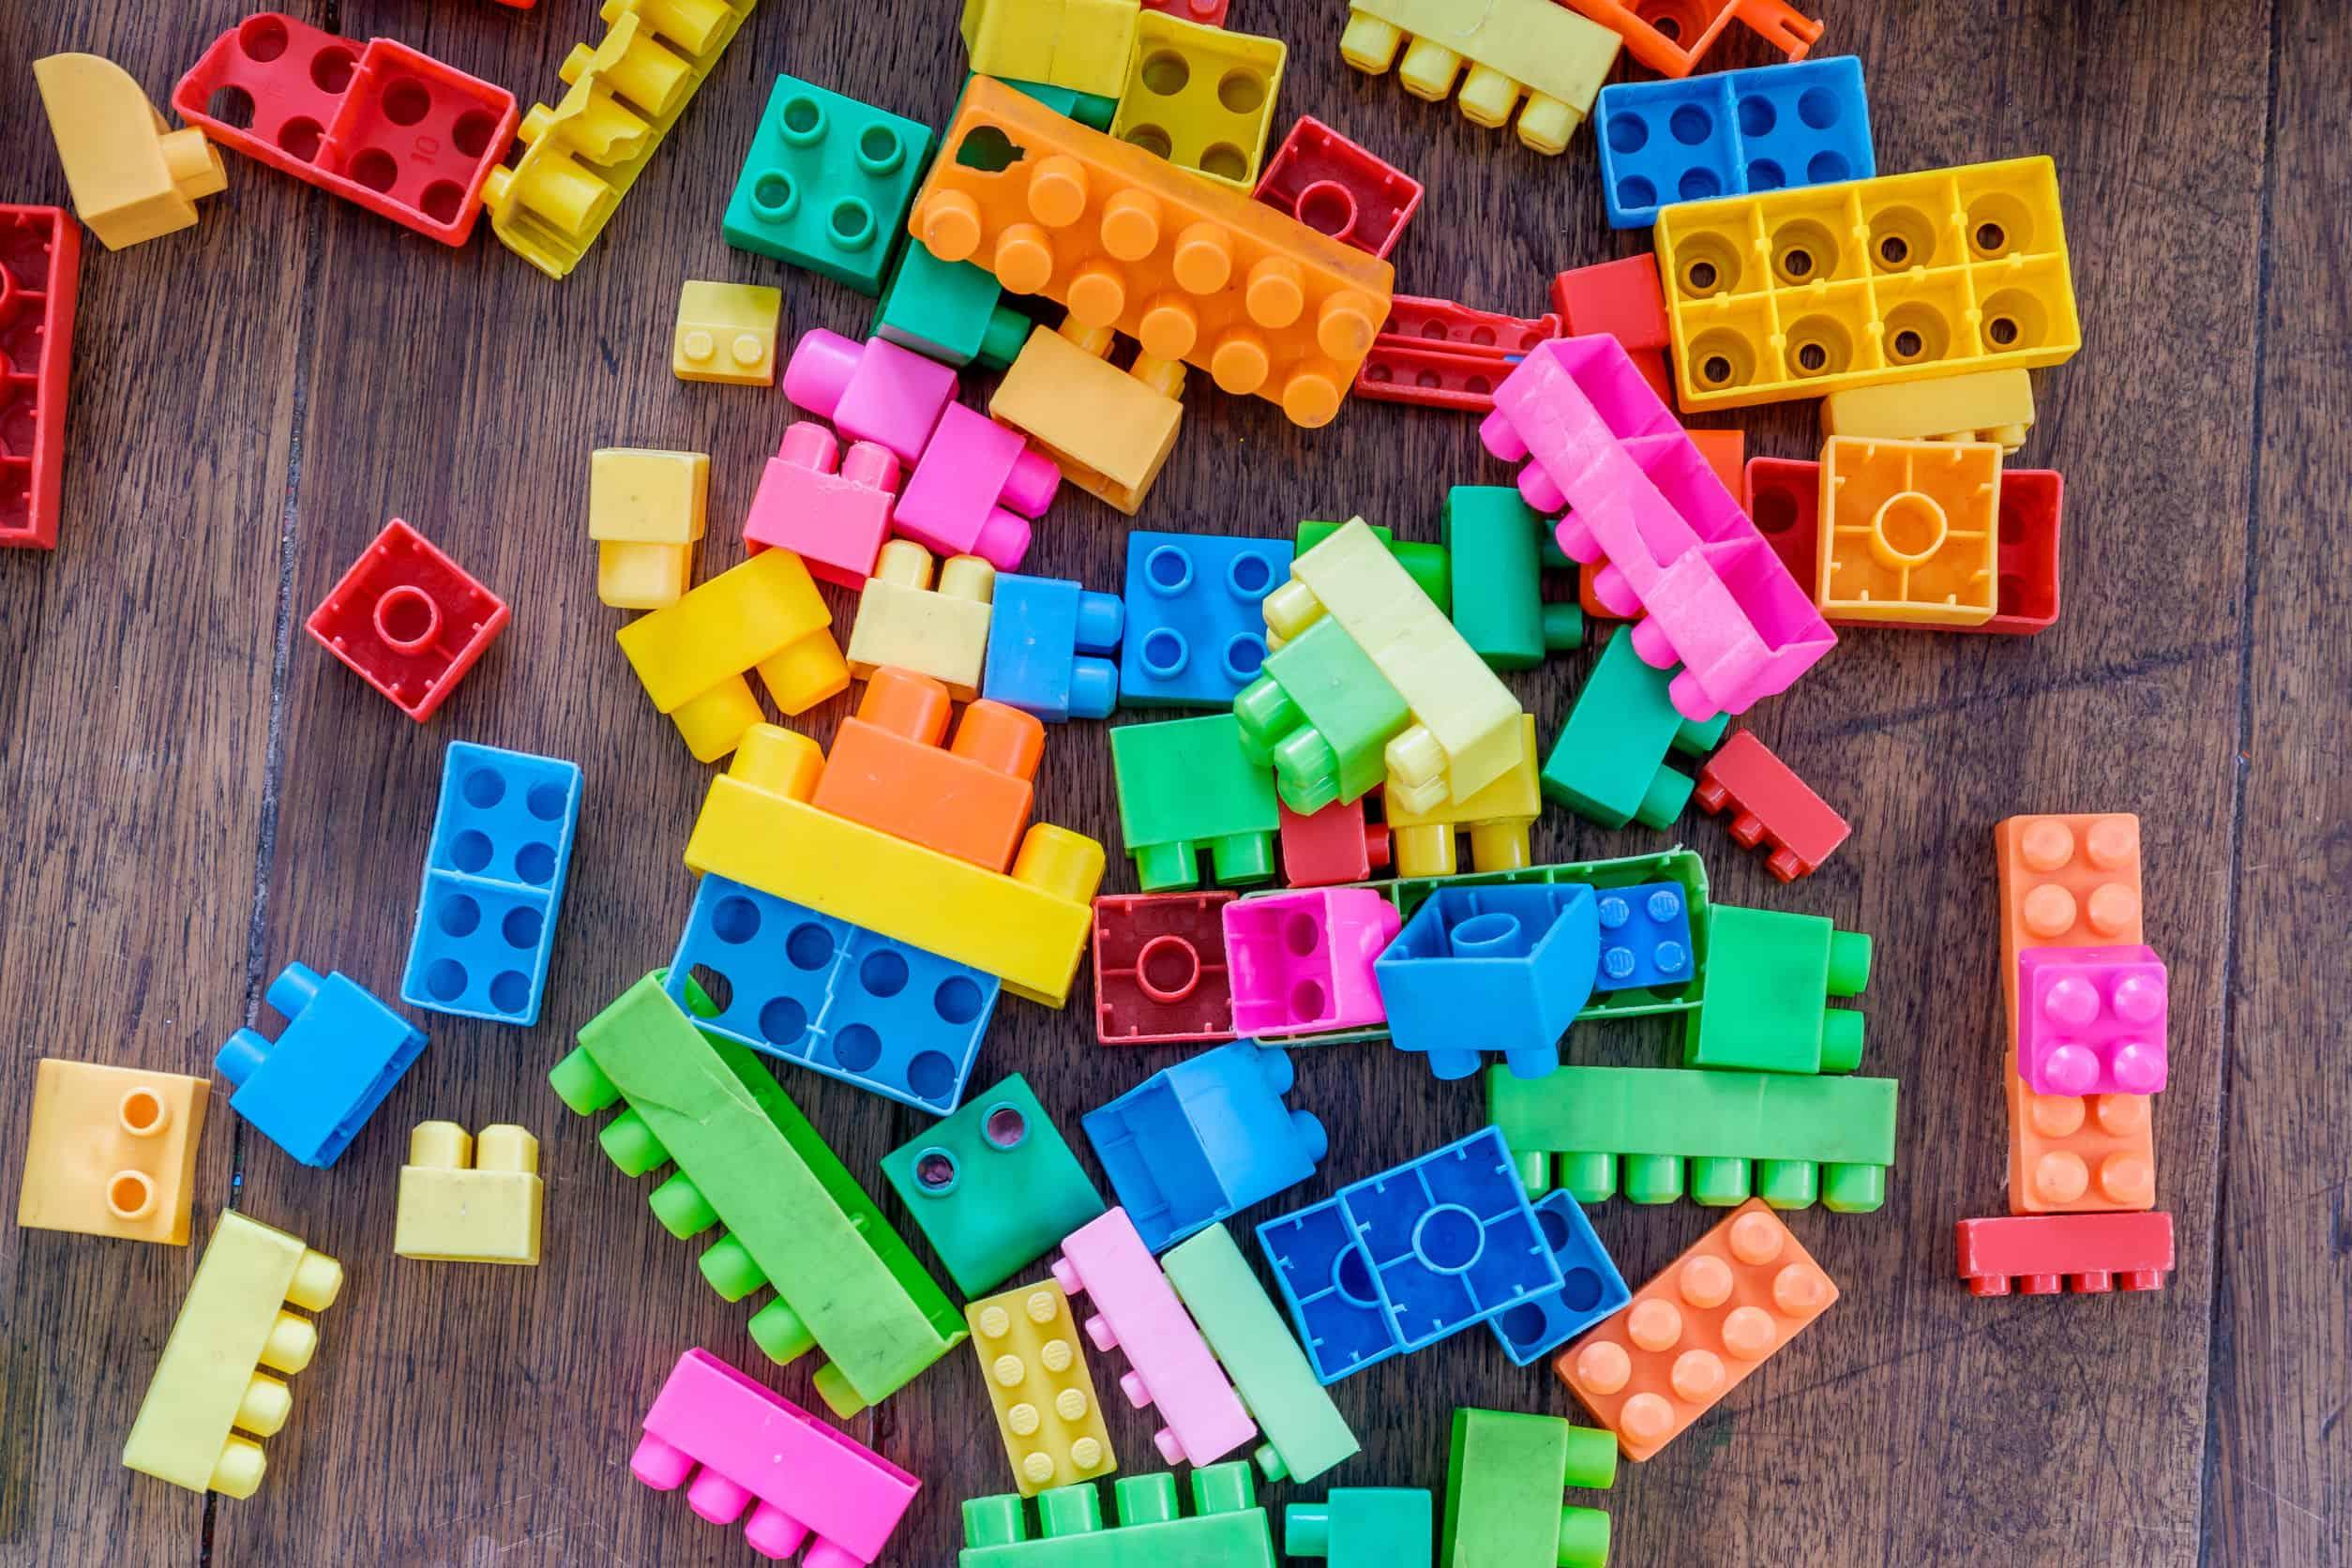 Imagem mostra peças coloridas de lego.